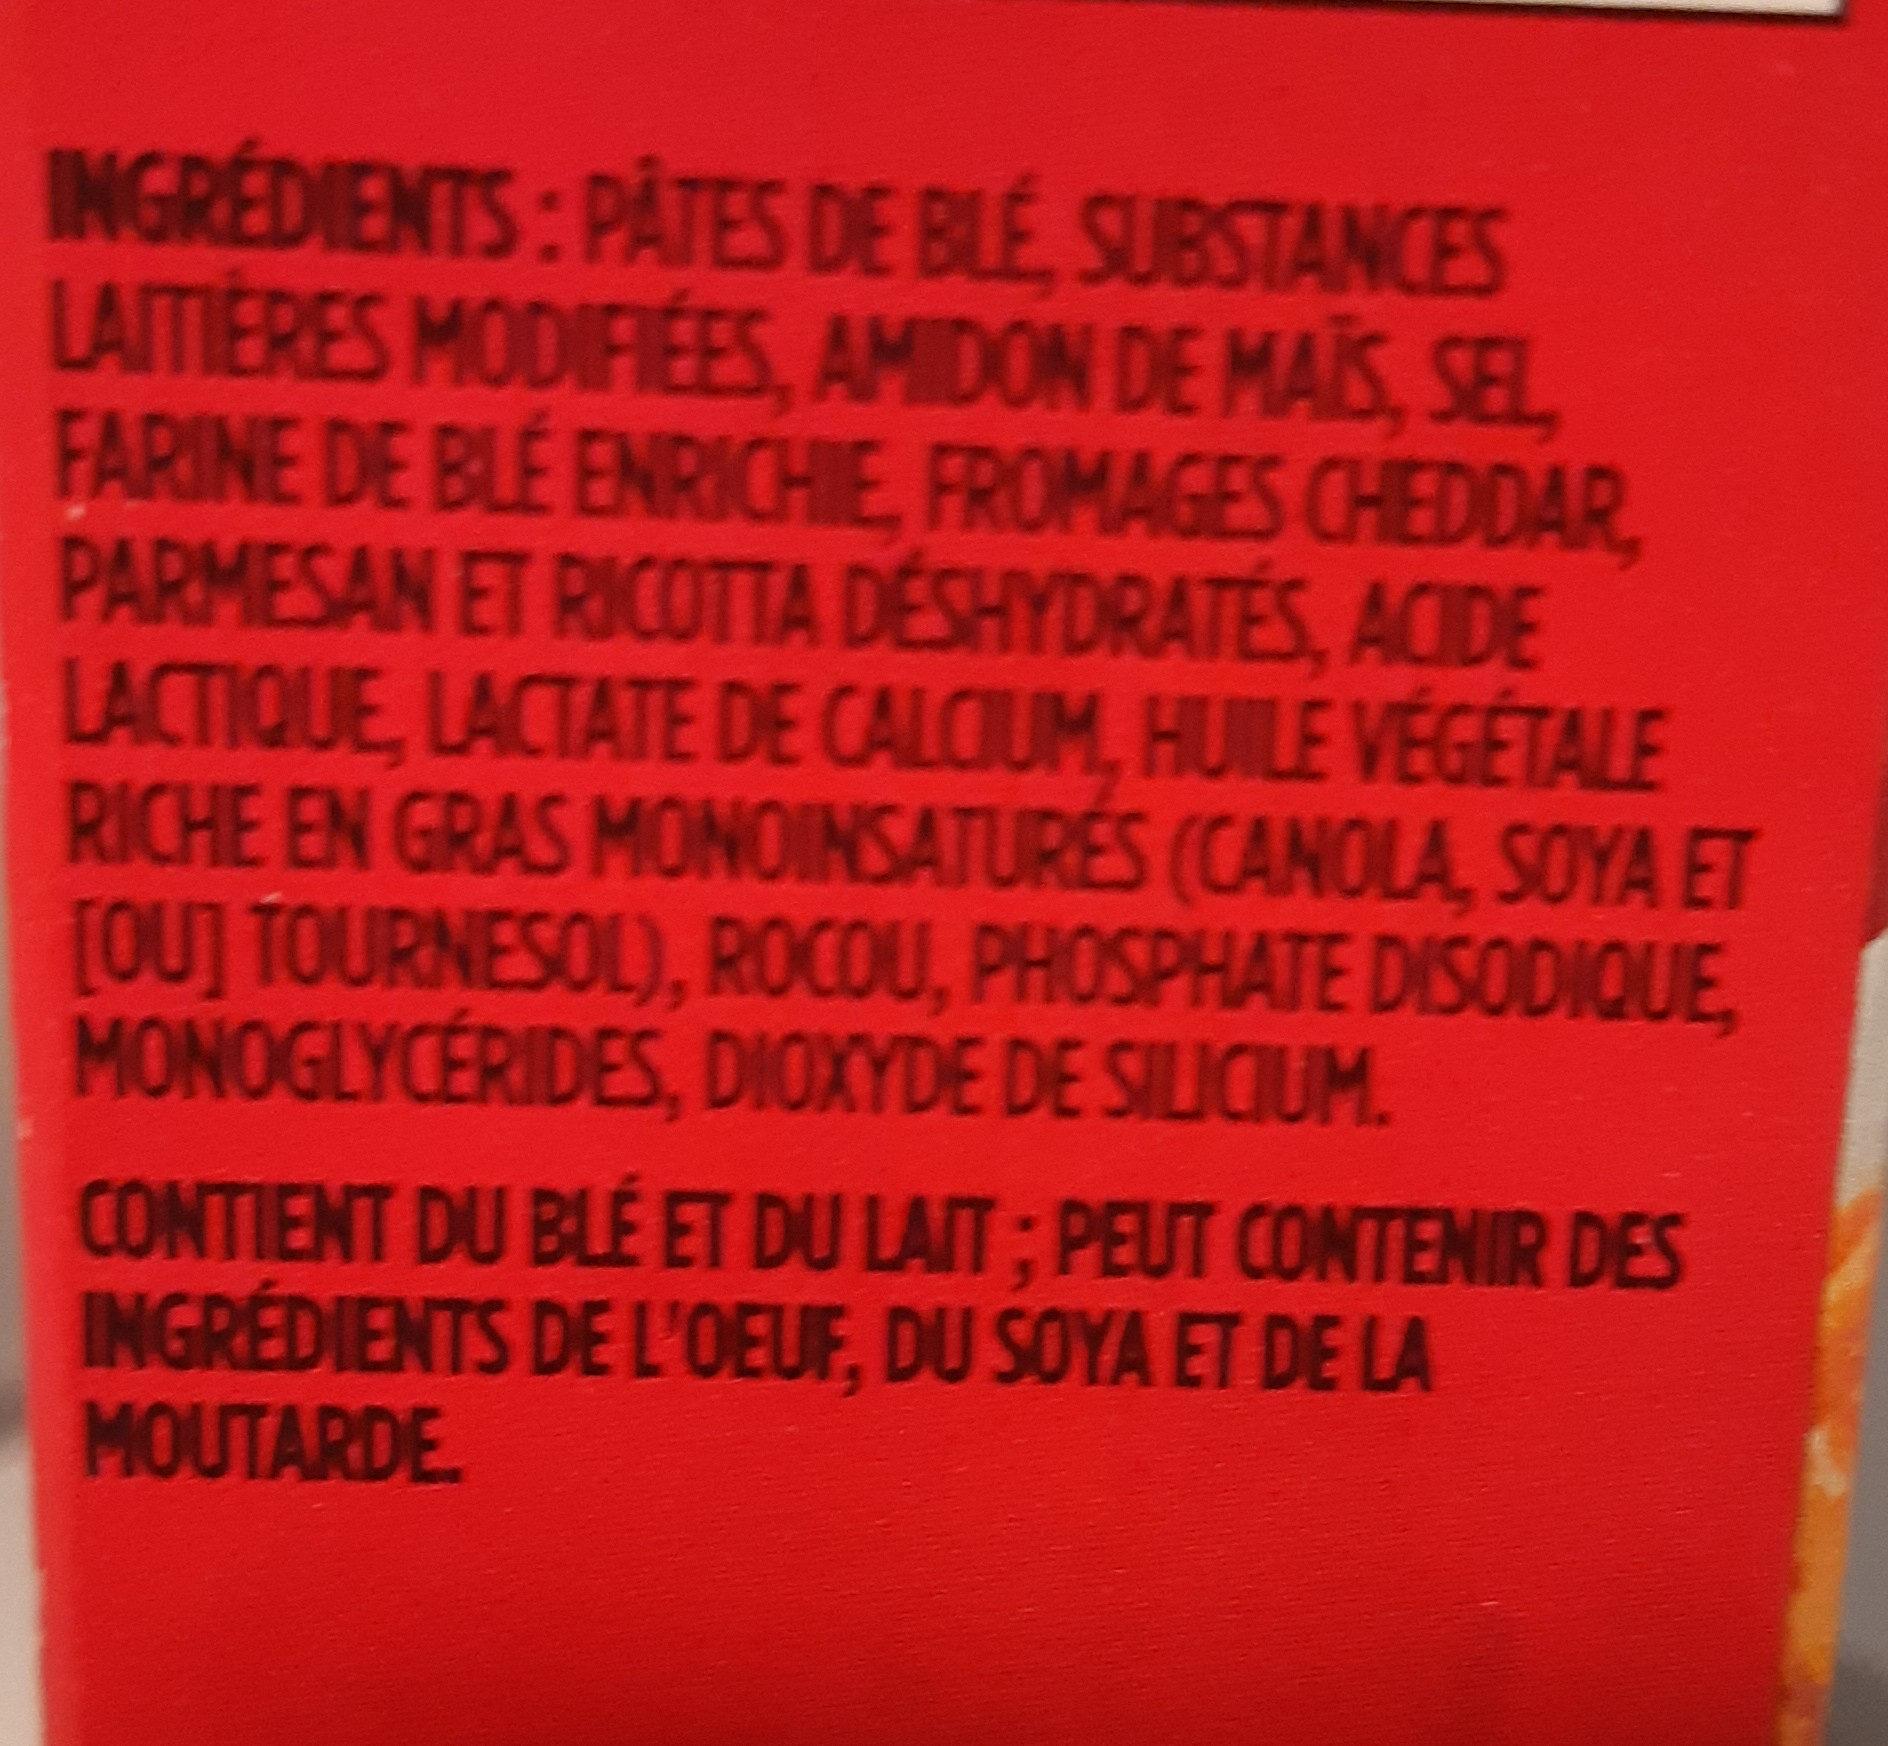 Hamburger helper, 3 cheese manicotti - Ingrédients - fr